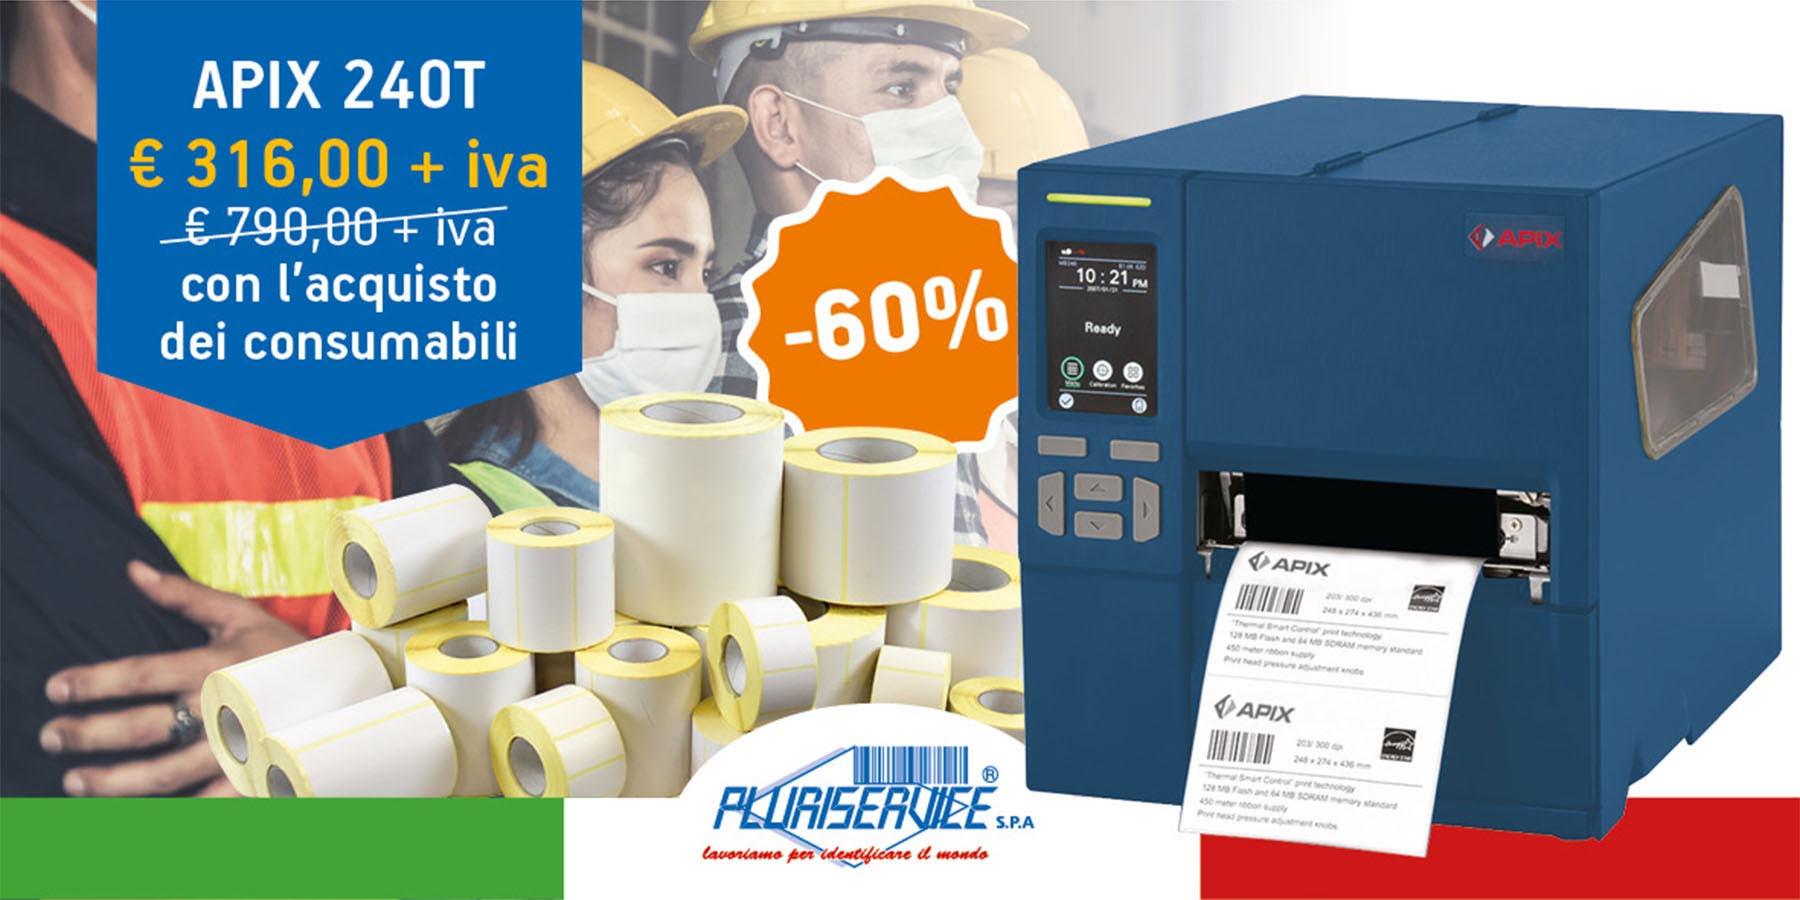 stampante per etichette industriale apix 240T in promozione